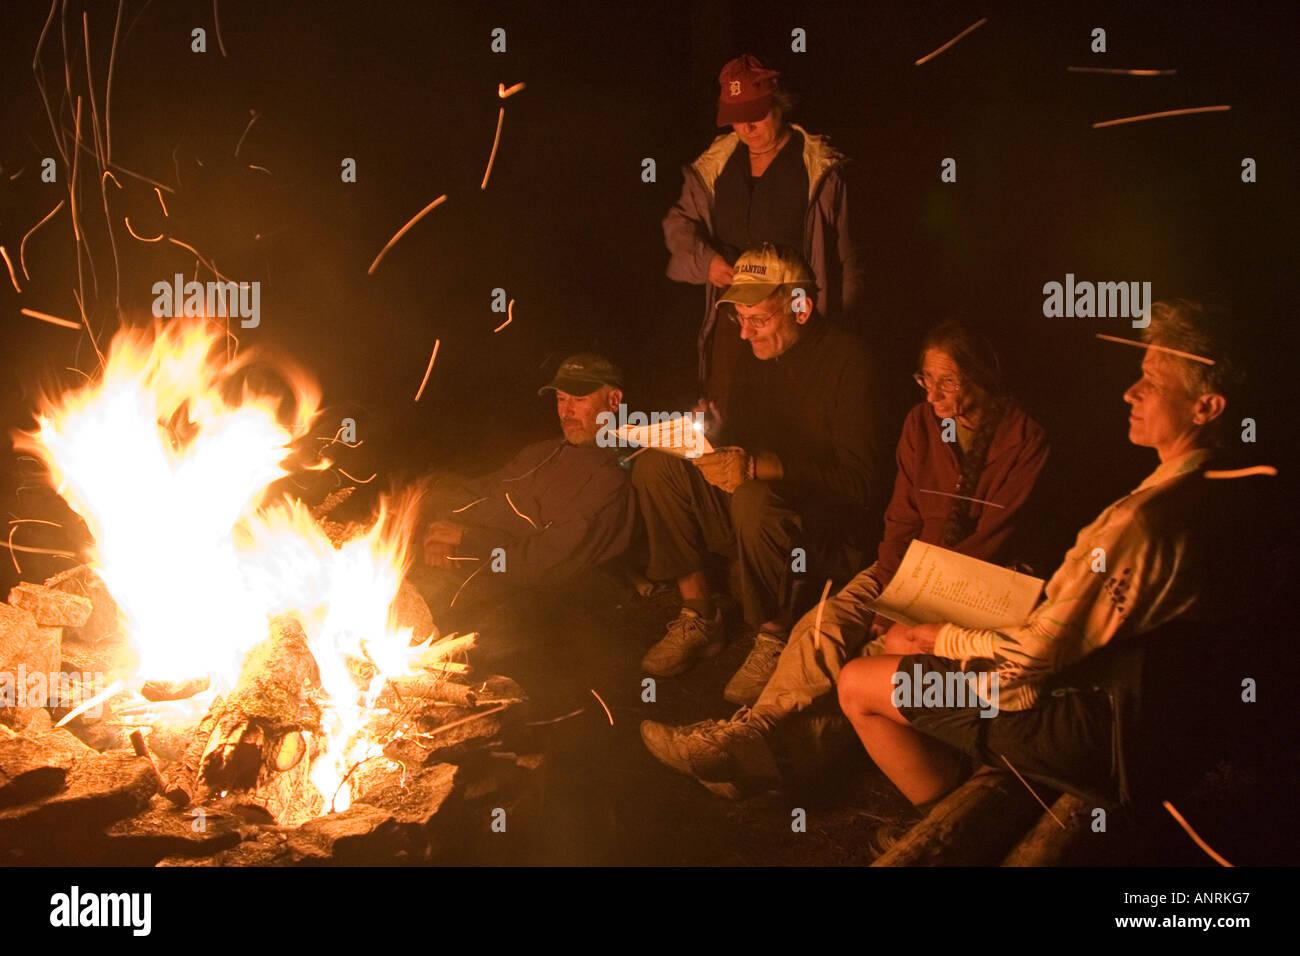 El Parque Provincial Quetico Ontario campistas sentarse alrededor de una fogata durante una canoa camping Imagen De Stock